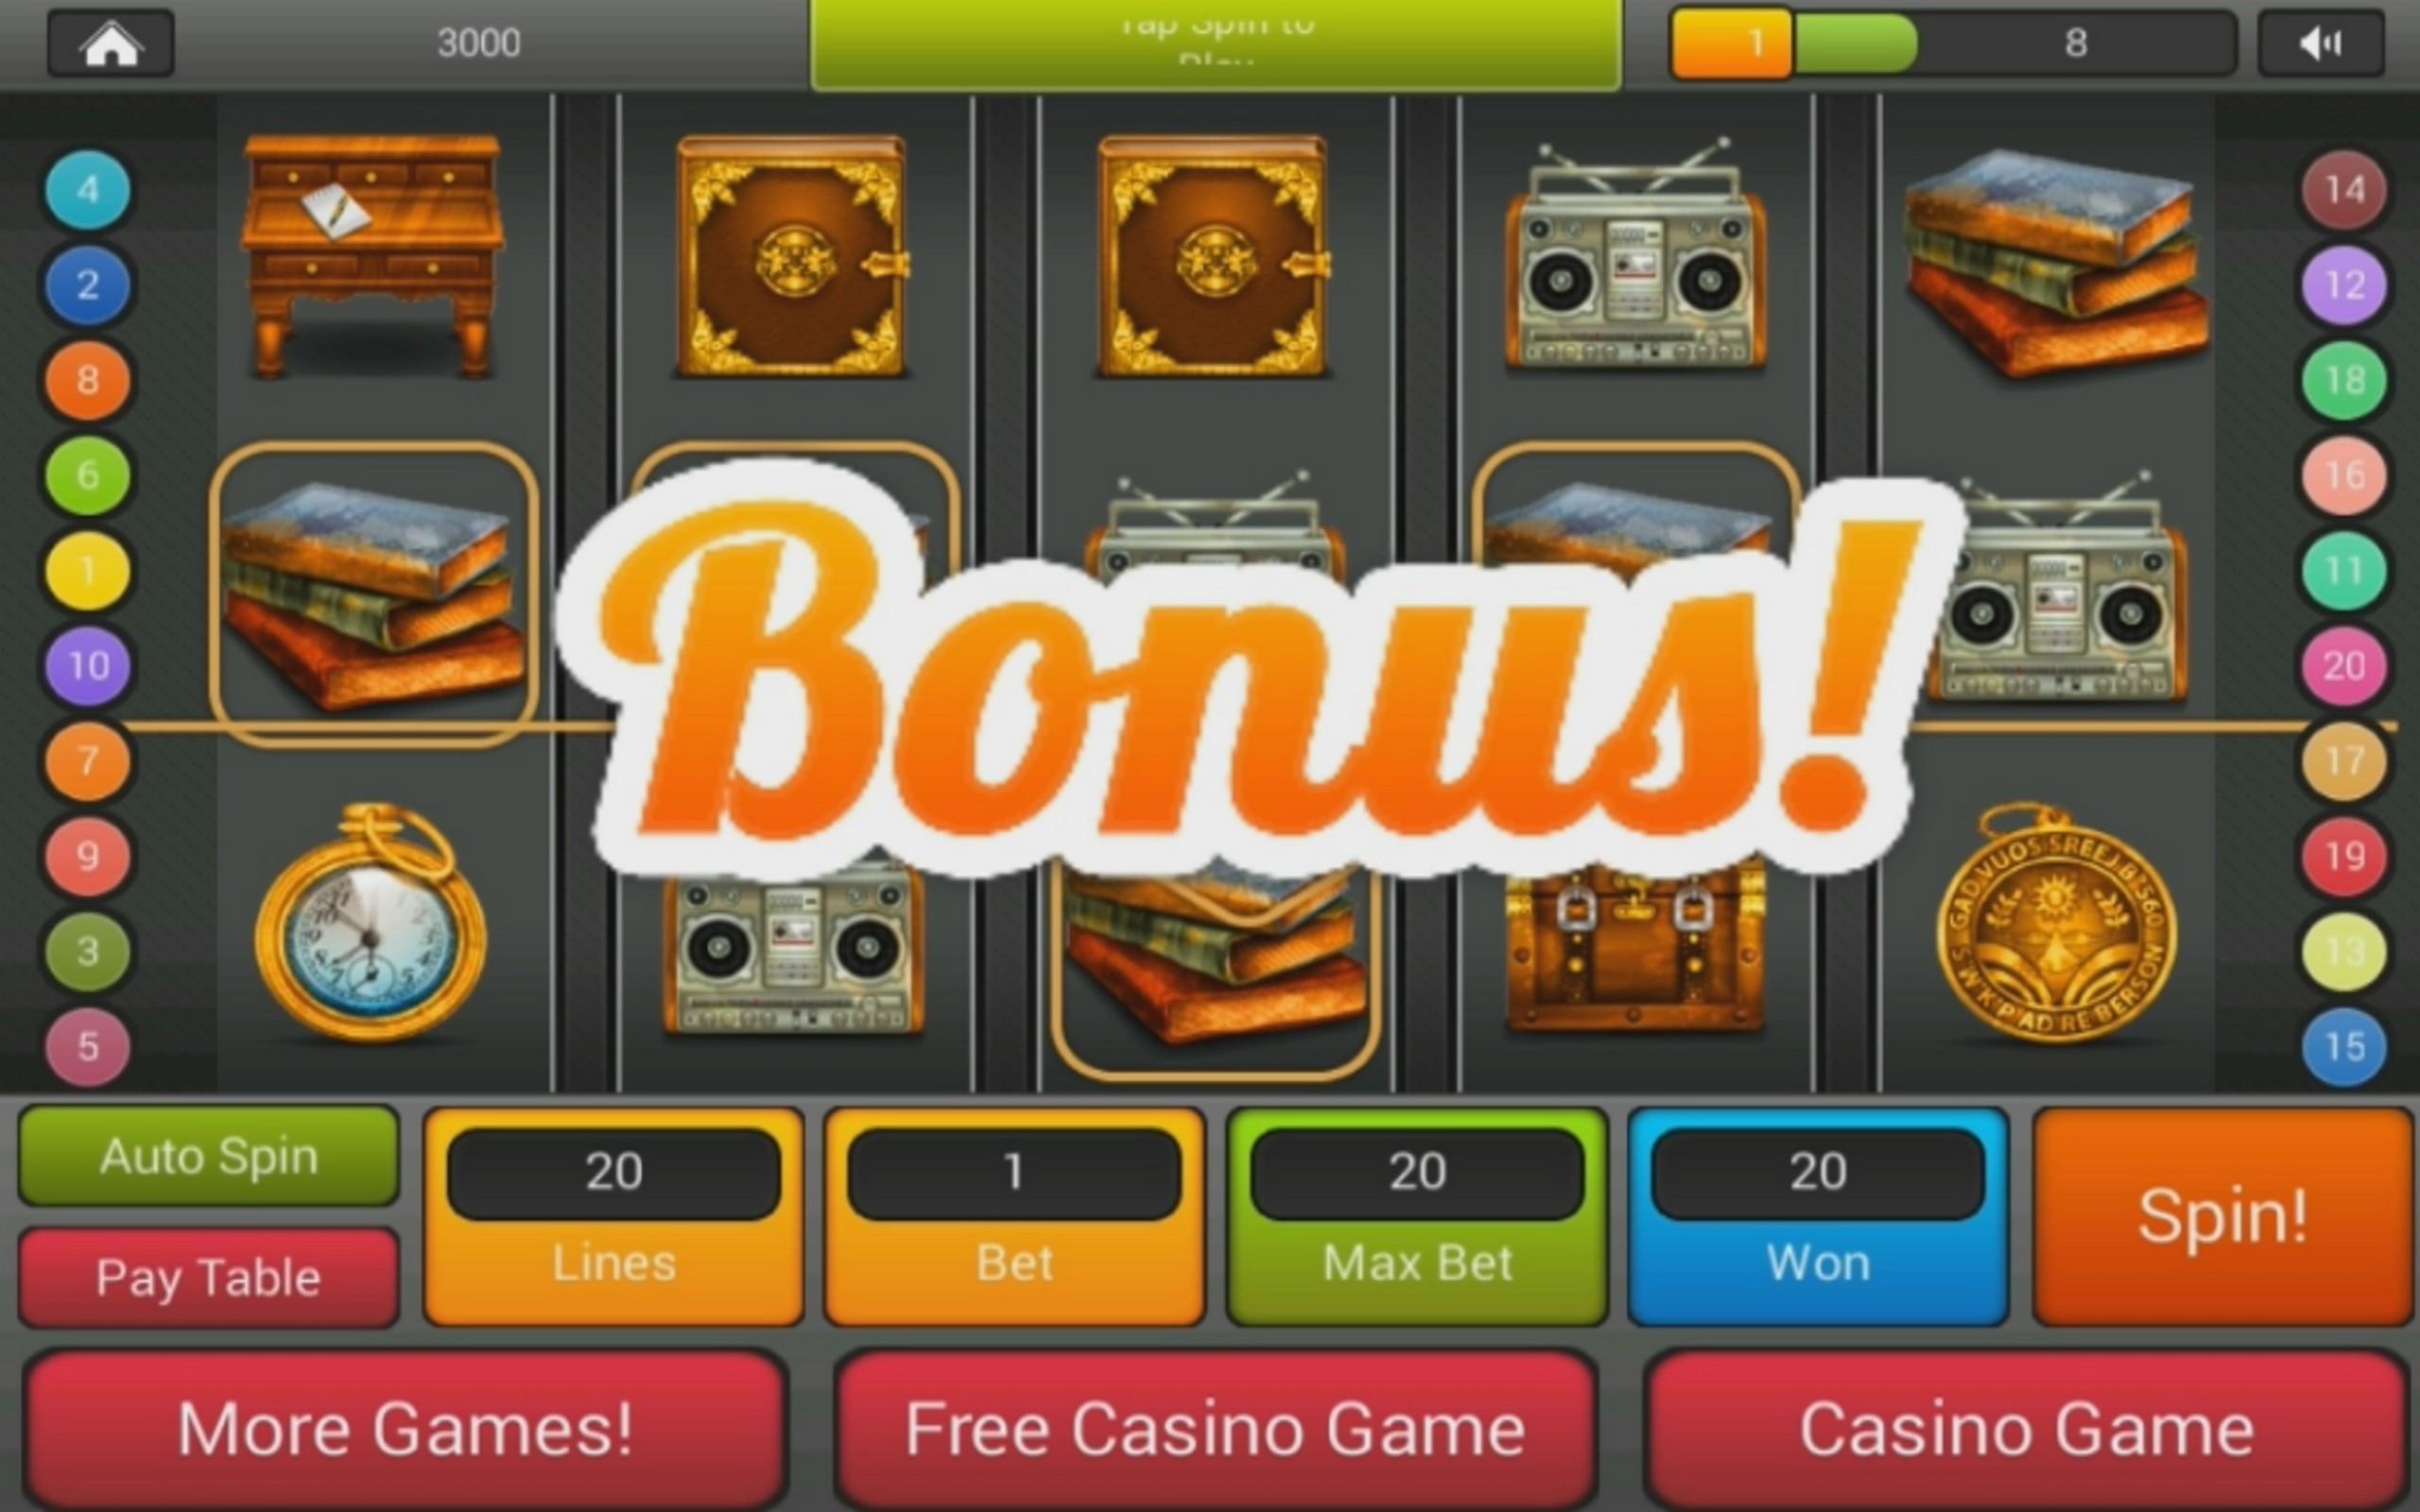 Kostenfreie Spielautomaten gewinnbringendes Spielsystem -922368